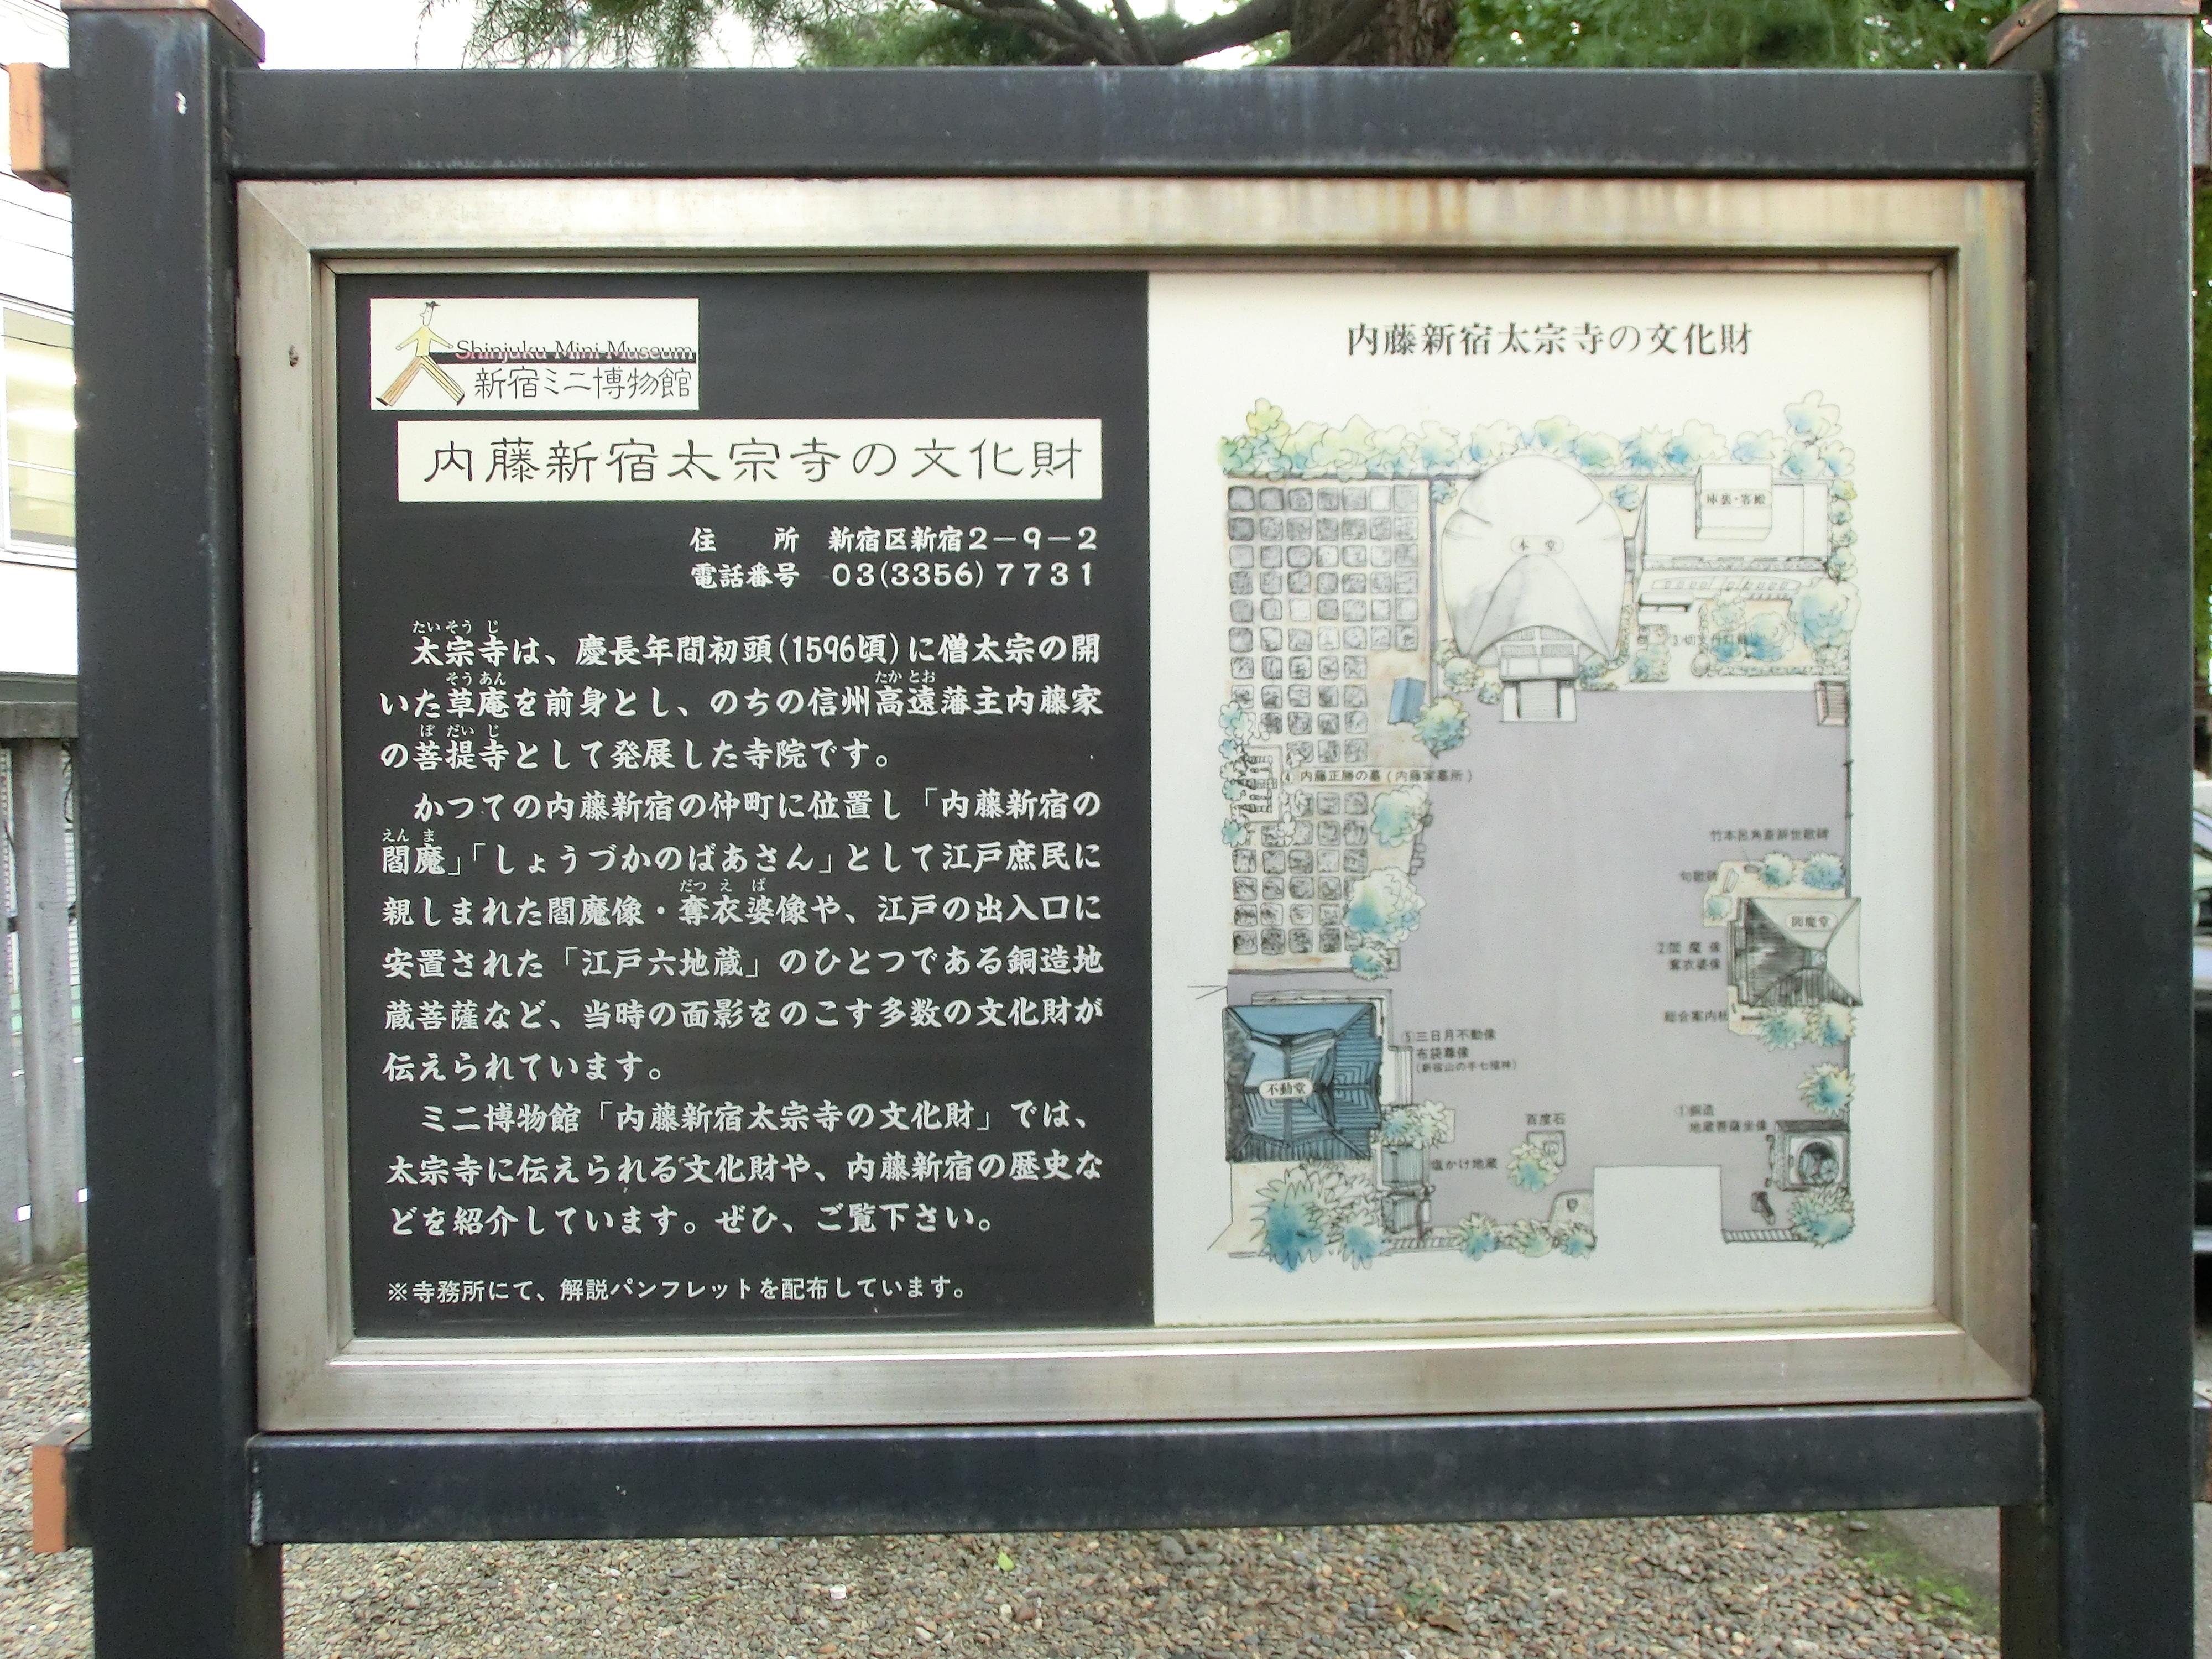 太宗寺と文化財 ゲイタウンとお寺記事1